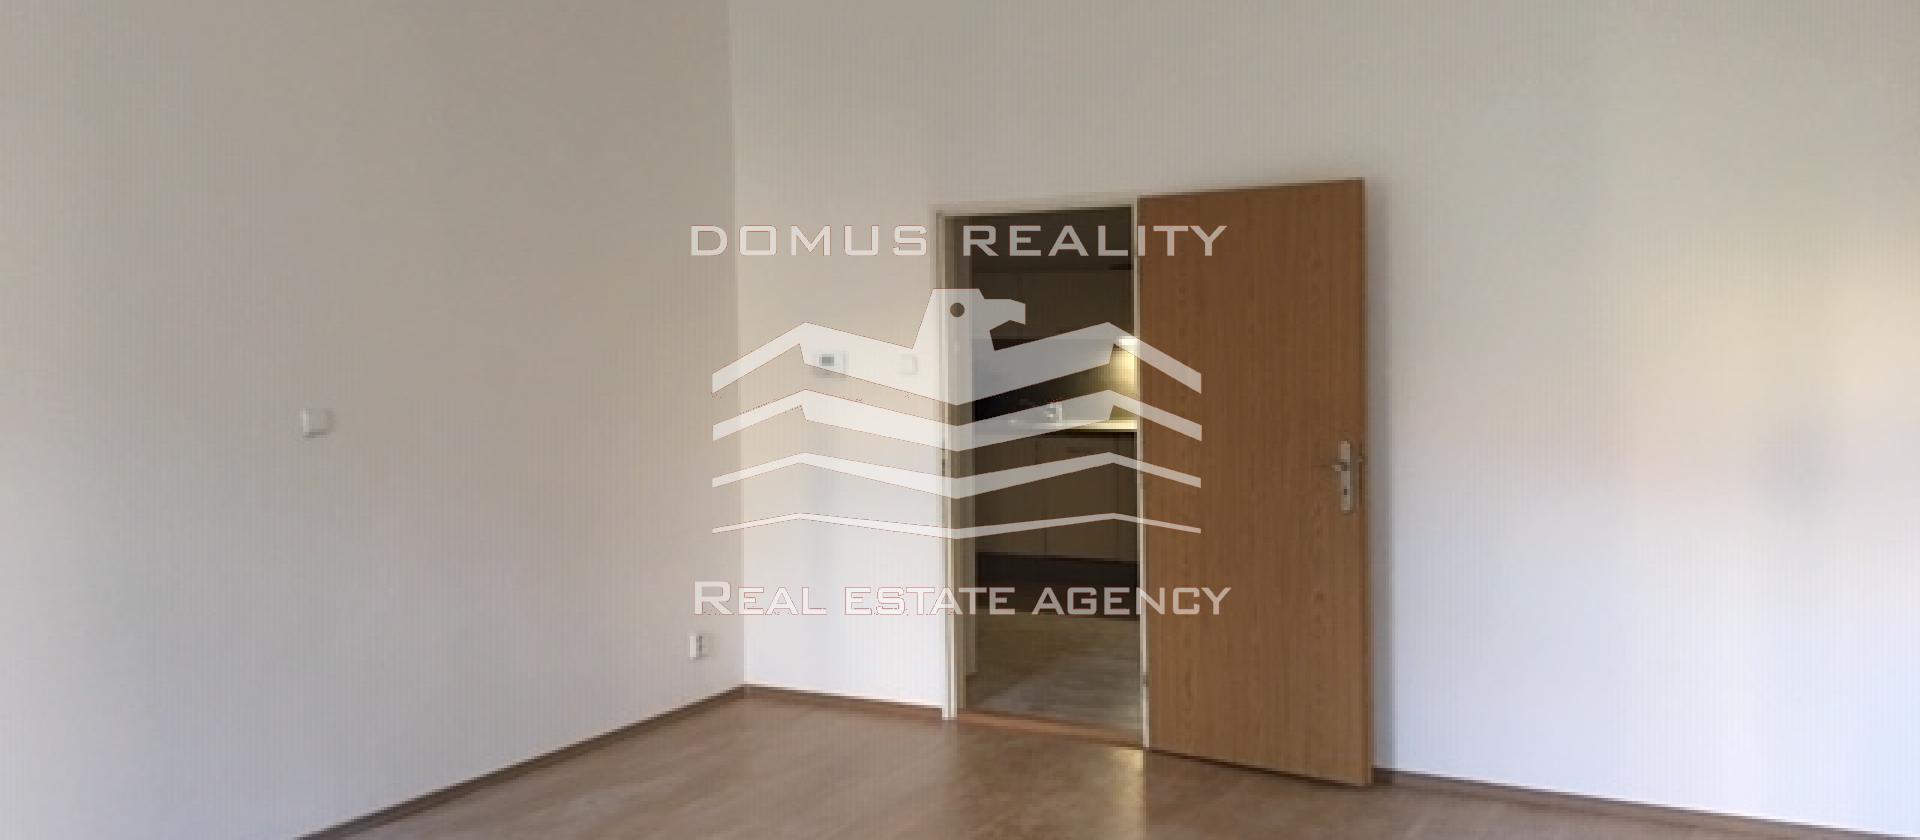 Krásný, zrekonstruovaný, nezařízený byt 2+1 (68 m2) ve 1. patře cihlového domu v ulici Navratilová